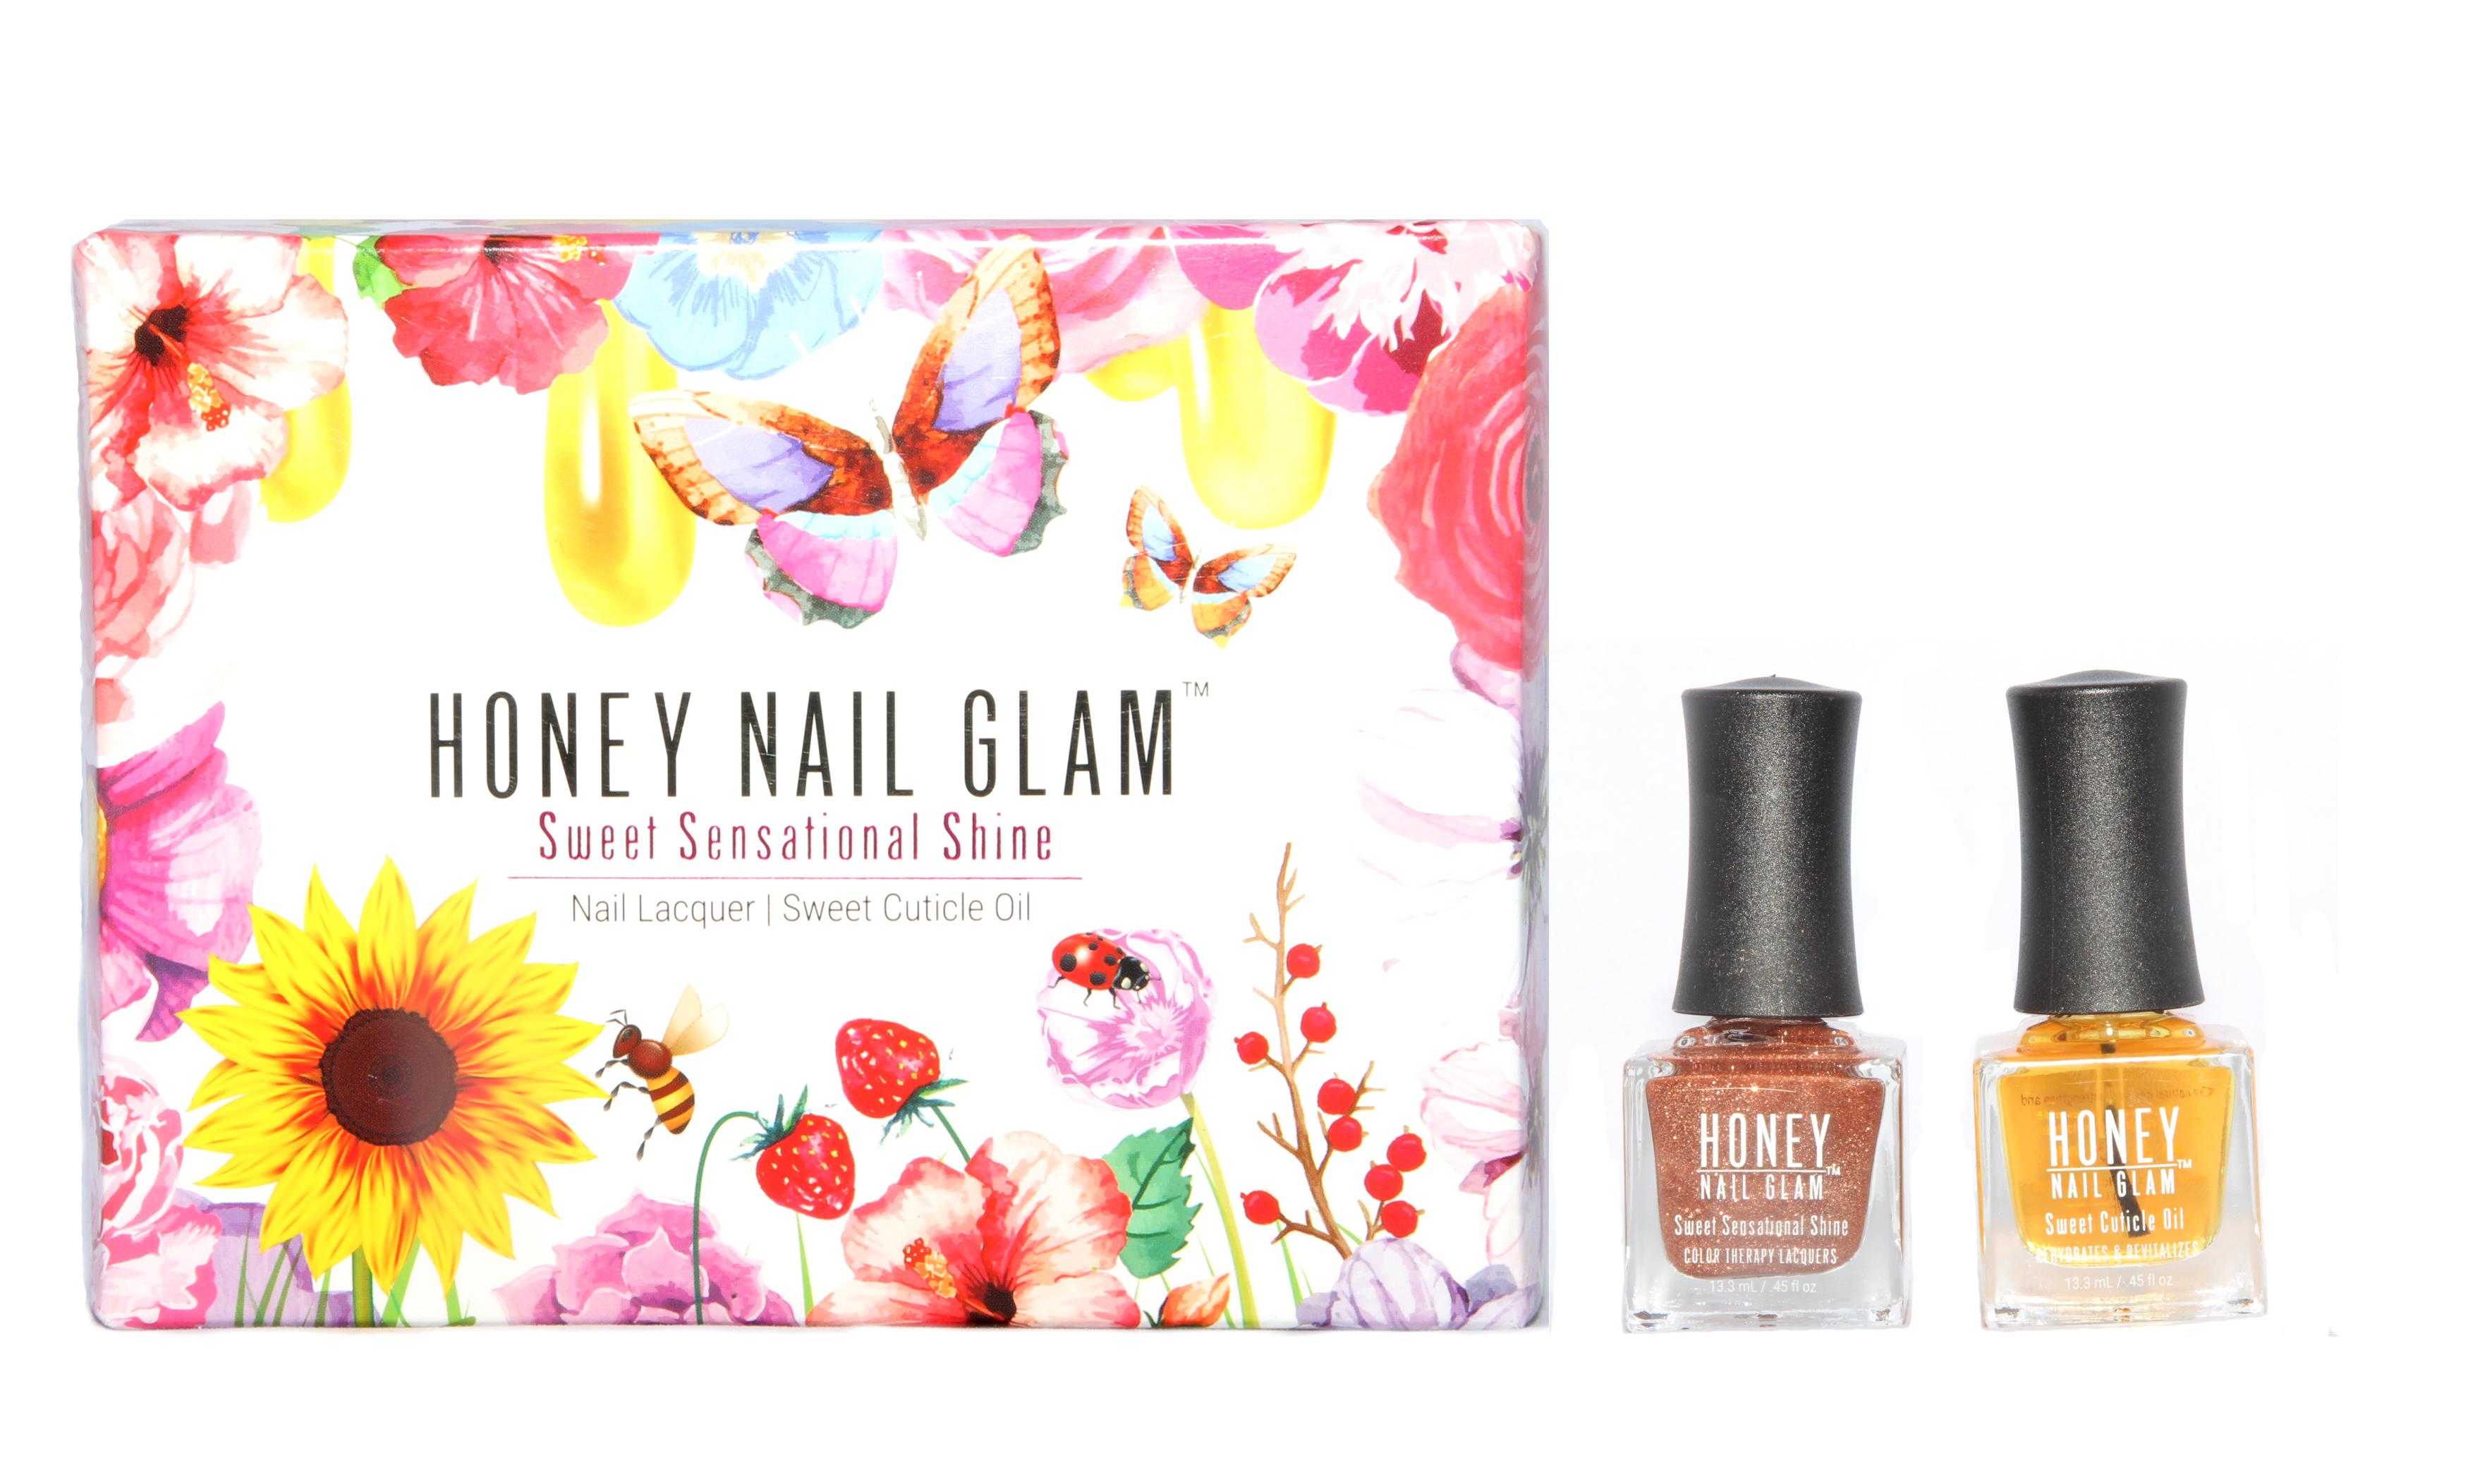 Jewel Heaven - HoneyNailGlam Nail Polish